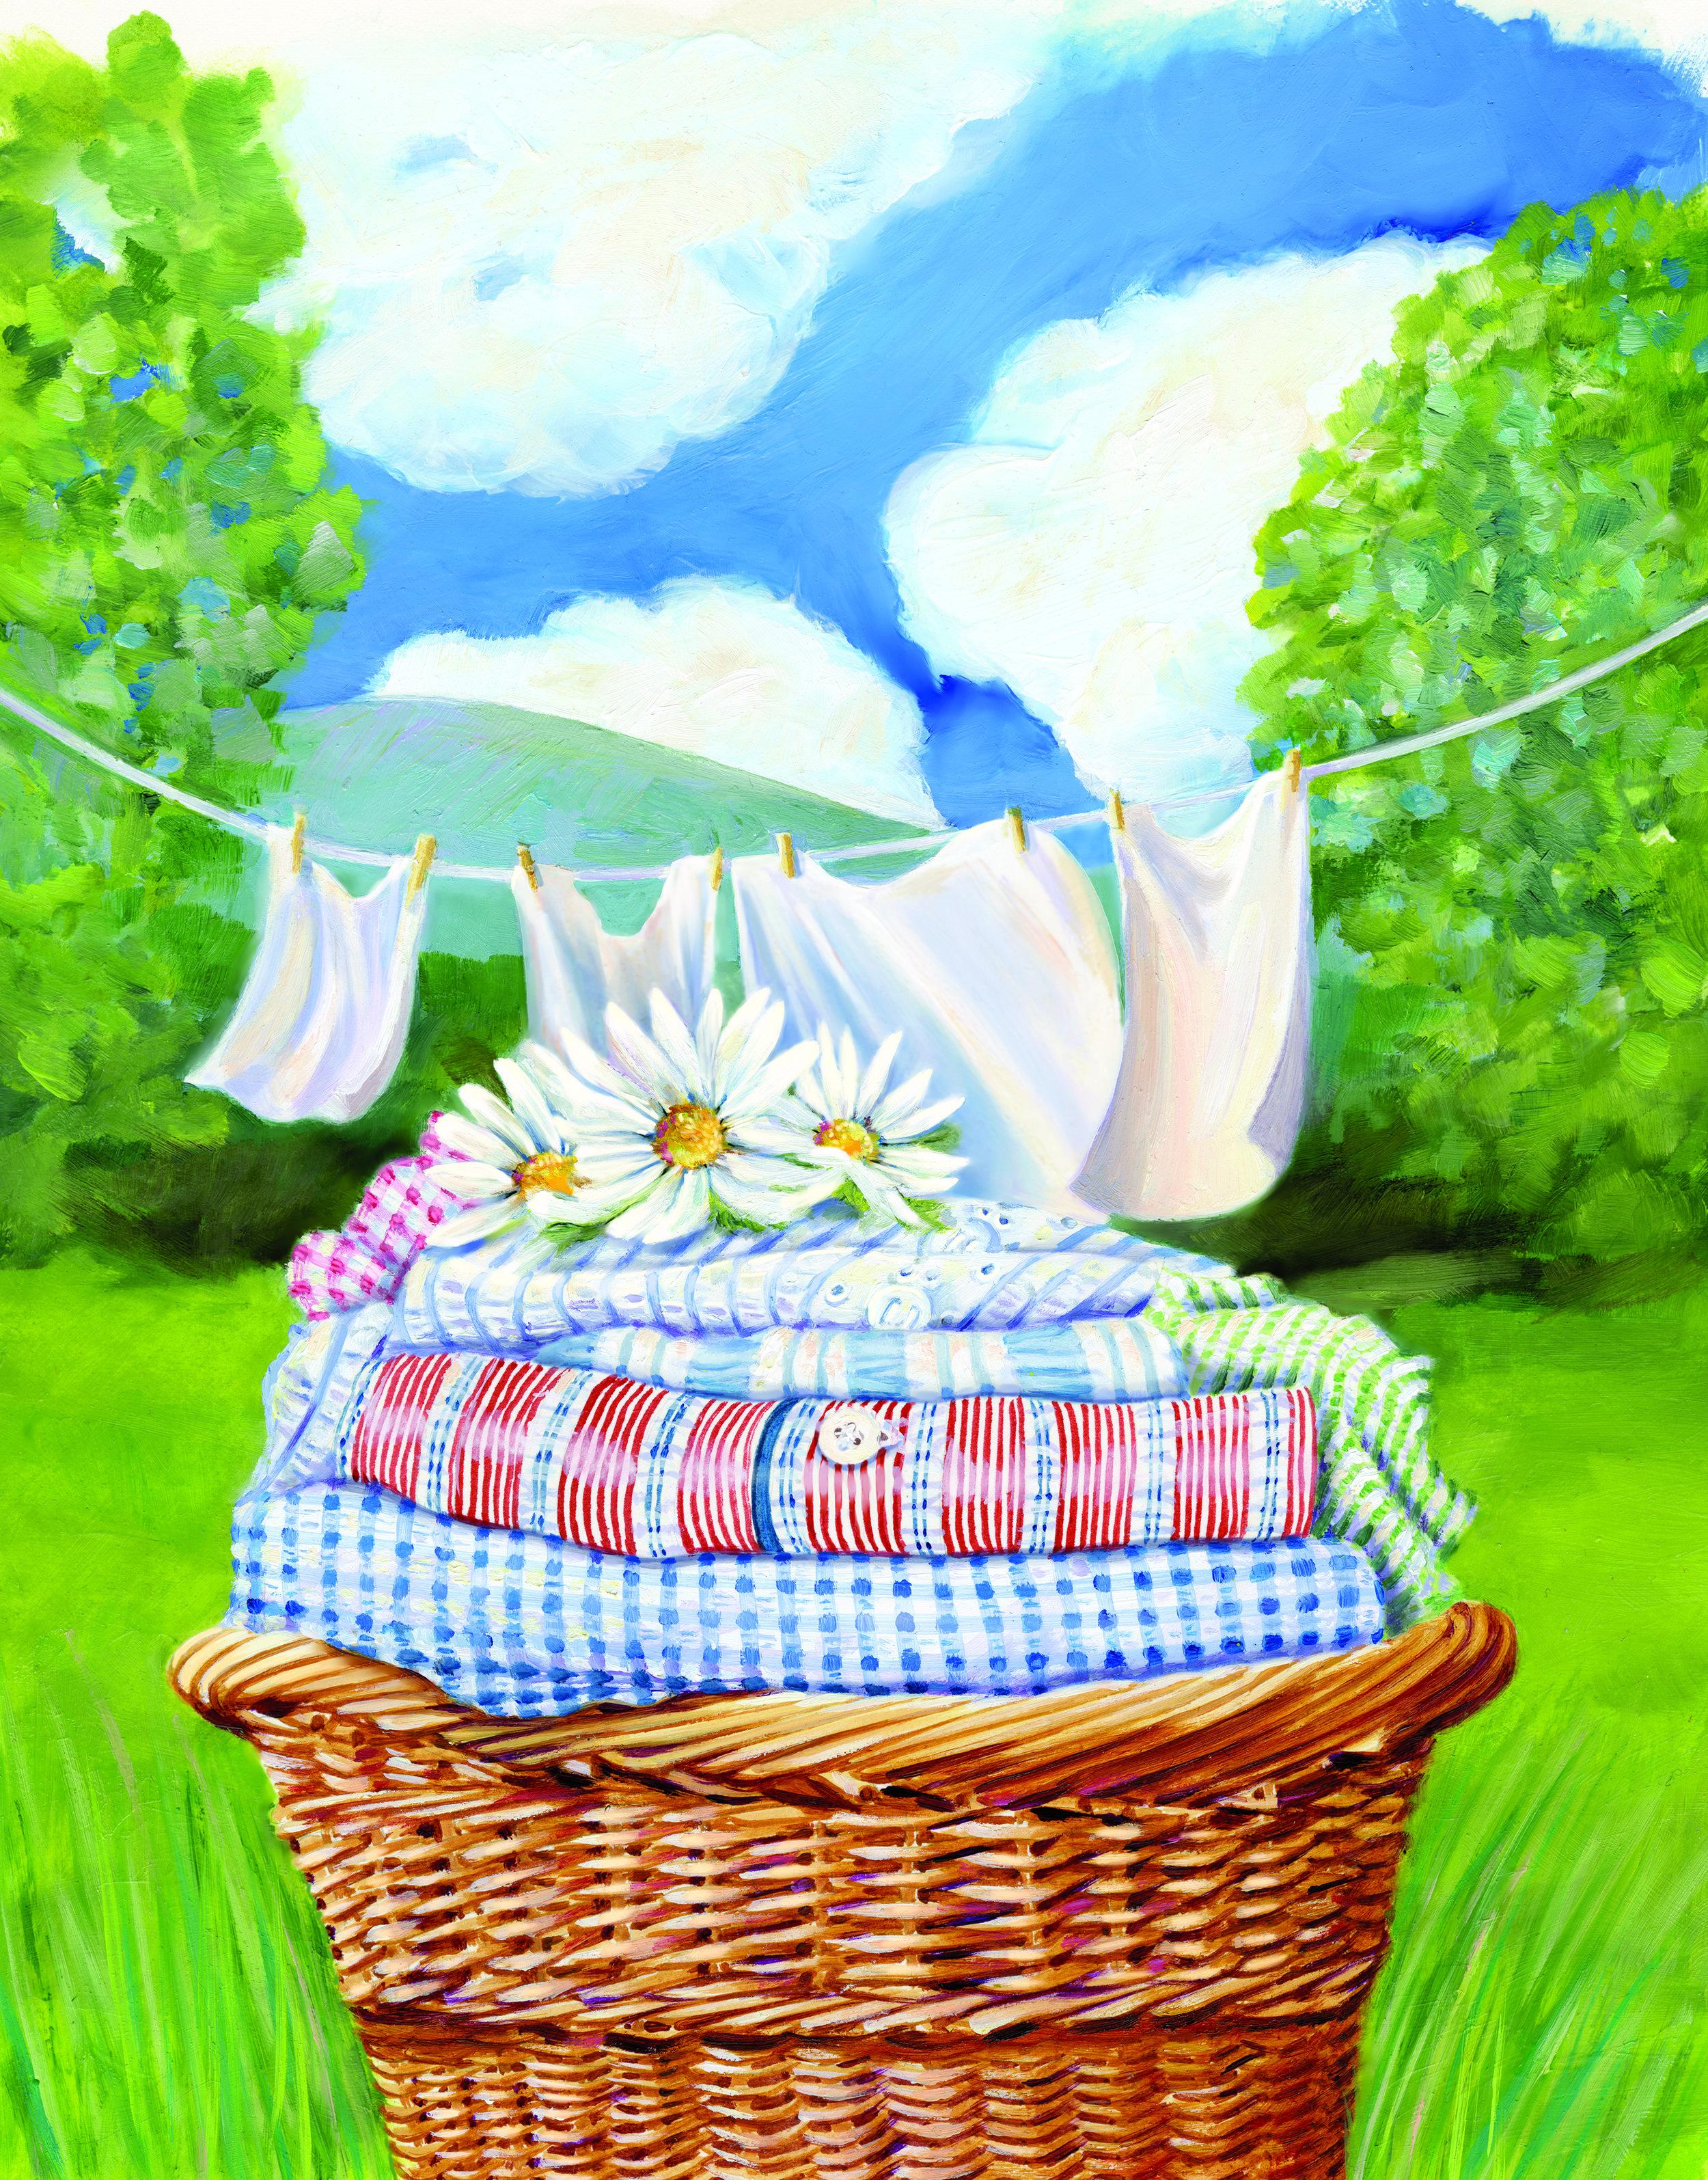 Summer_seersucker_Laundry_ill.jpg